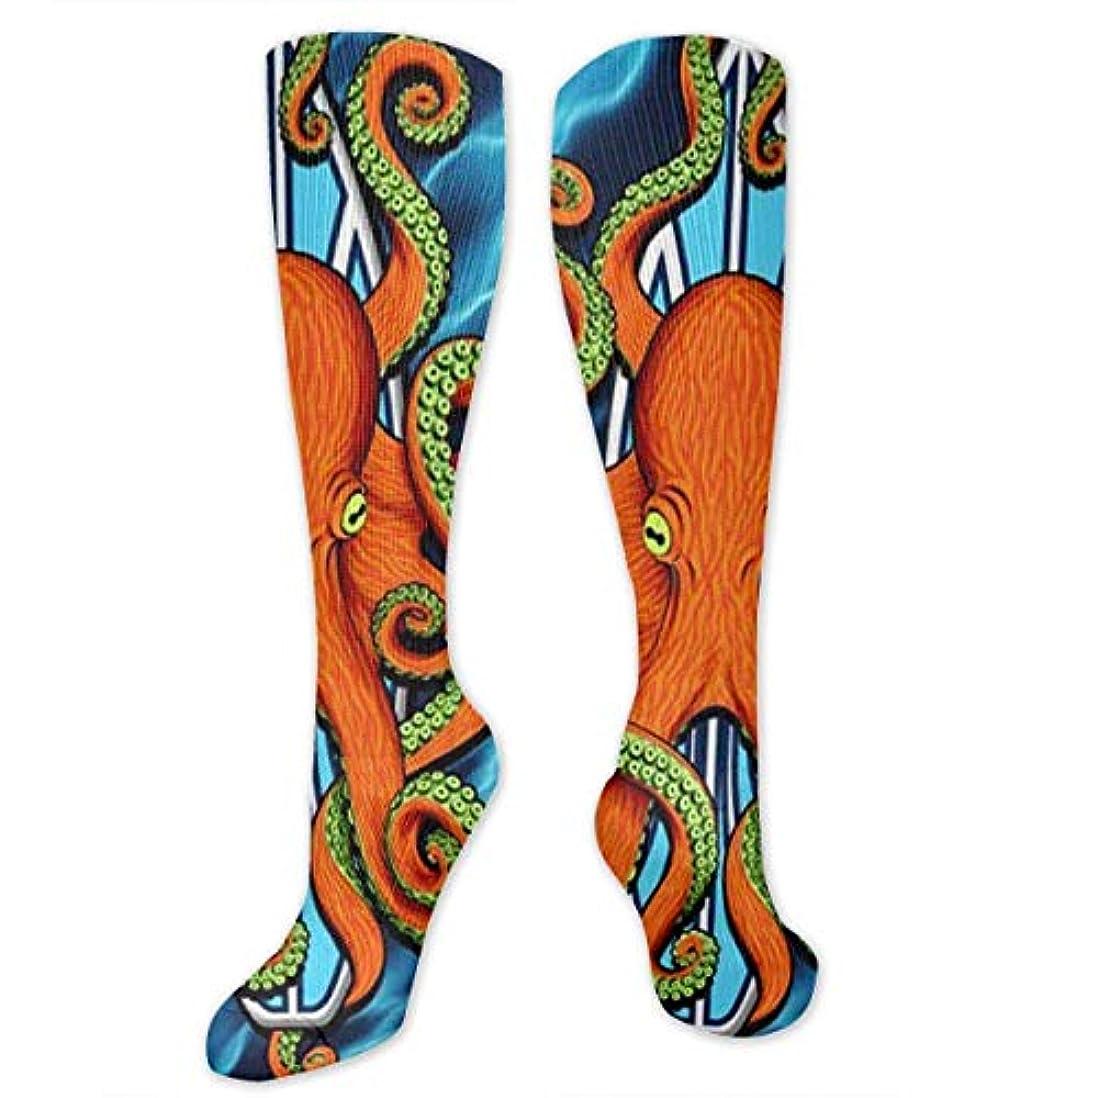 呼び起こす日常的に参照する靴下,ストッキング,野生のジョーカー,実際,秋の本質,冬必須,サマーウェア&RBXAA Octopus Surfboard Socks Women's Winter Cotton Long Tube Socks Knee...